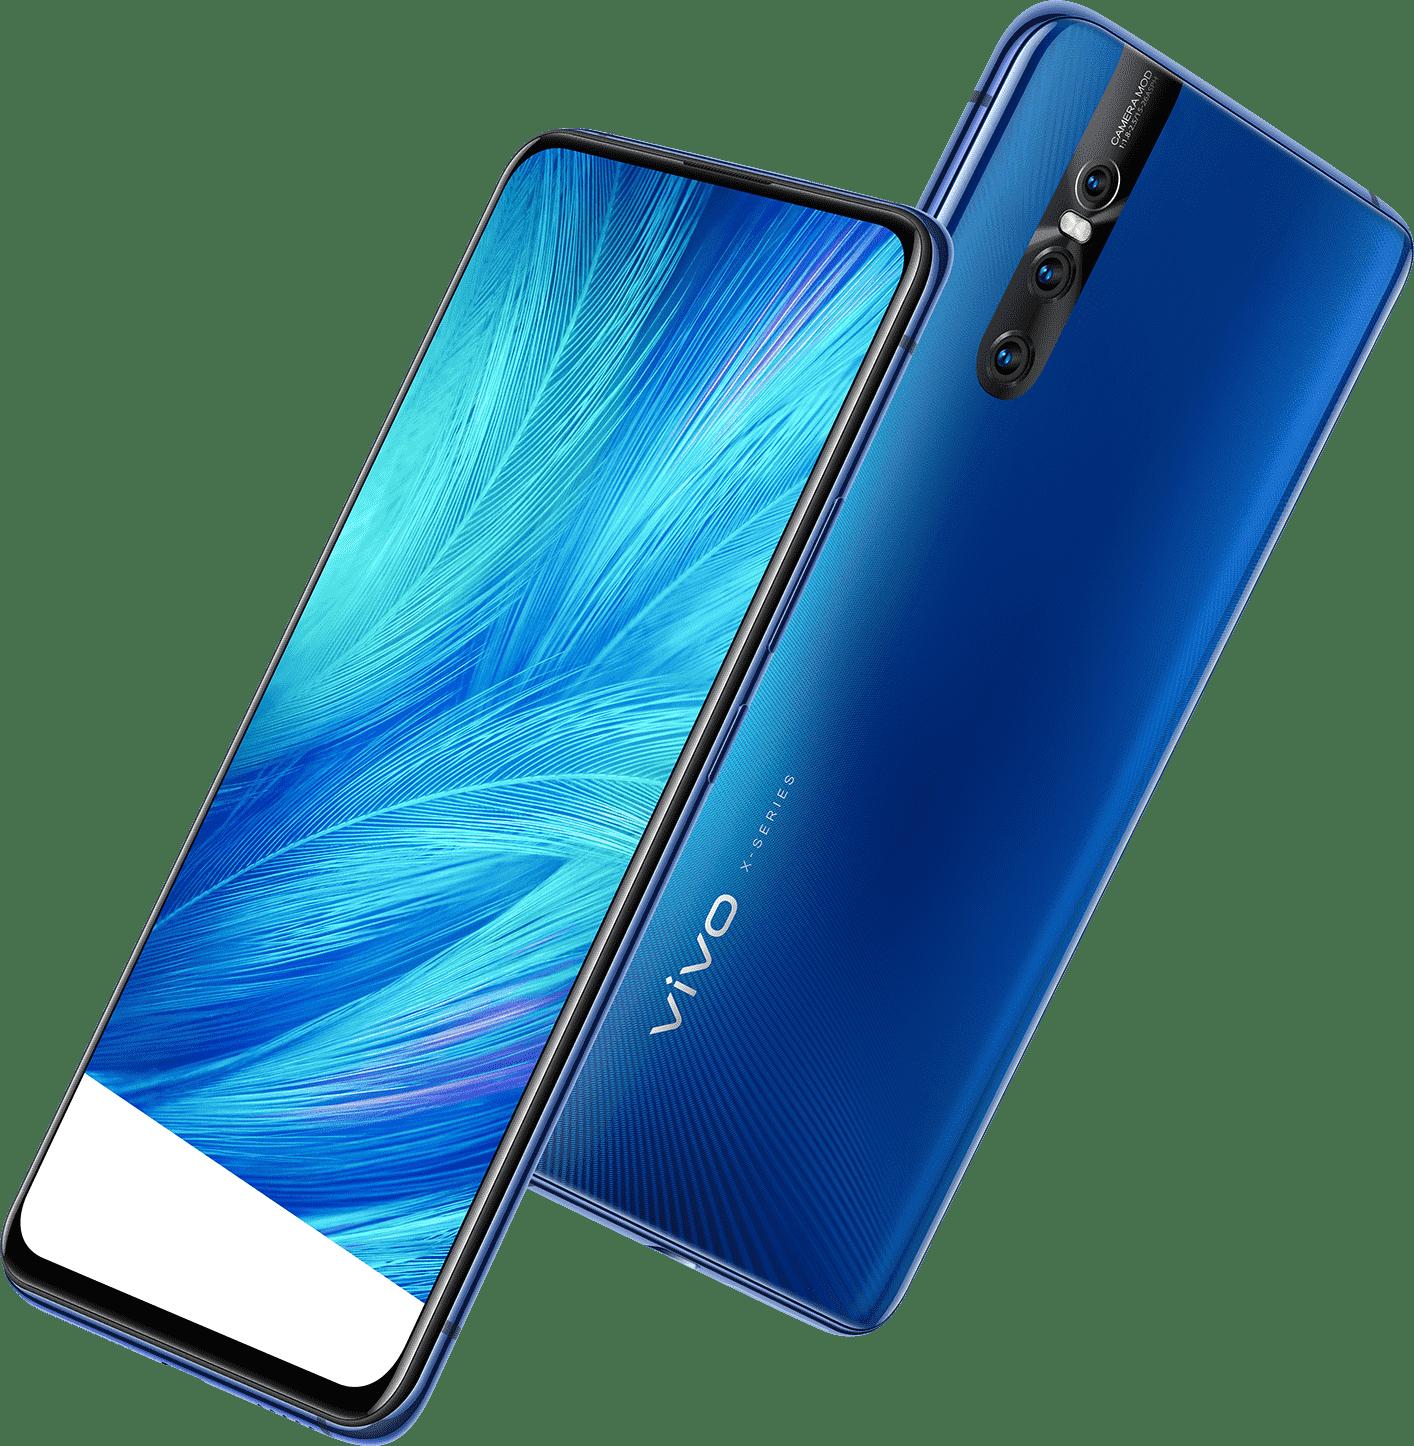 Смартфон Vivo X27 256GB: где купить, цены, характеристики